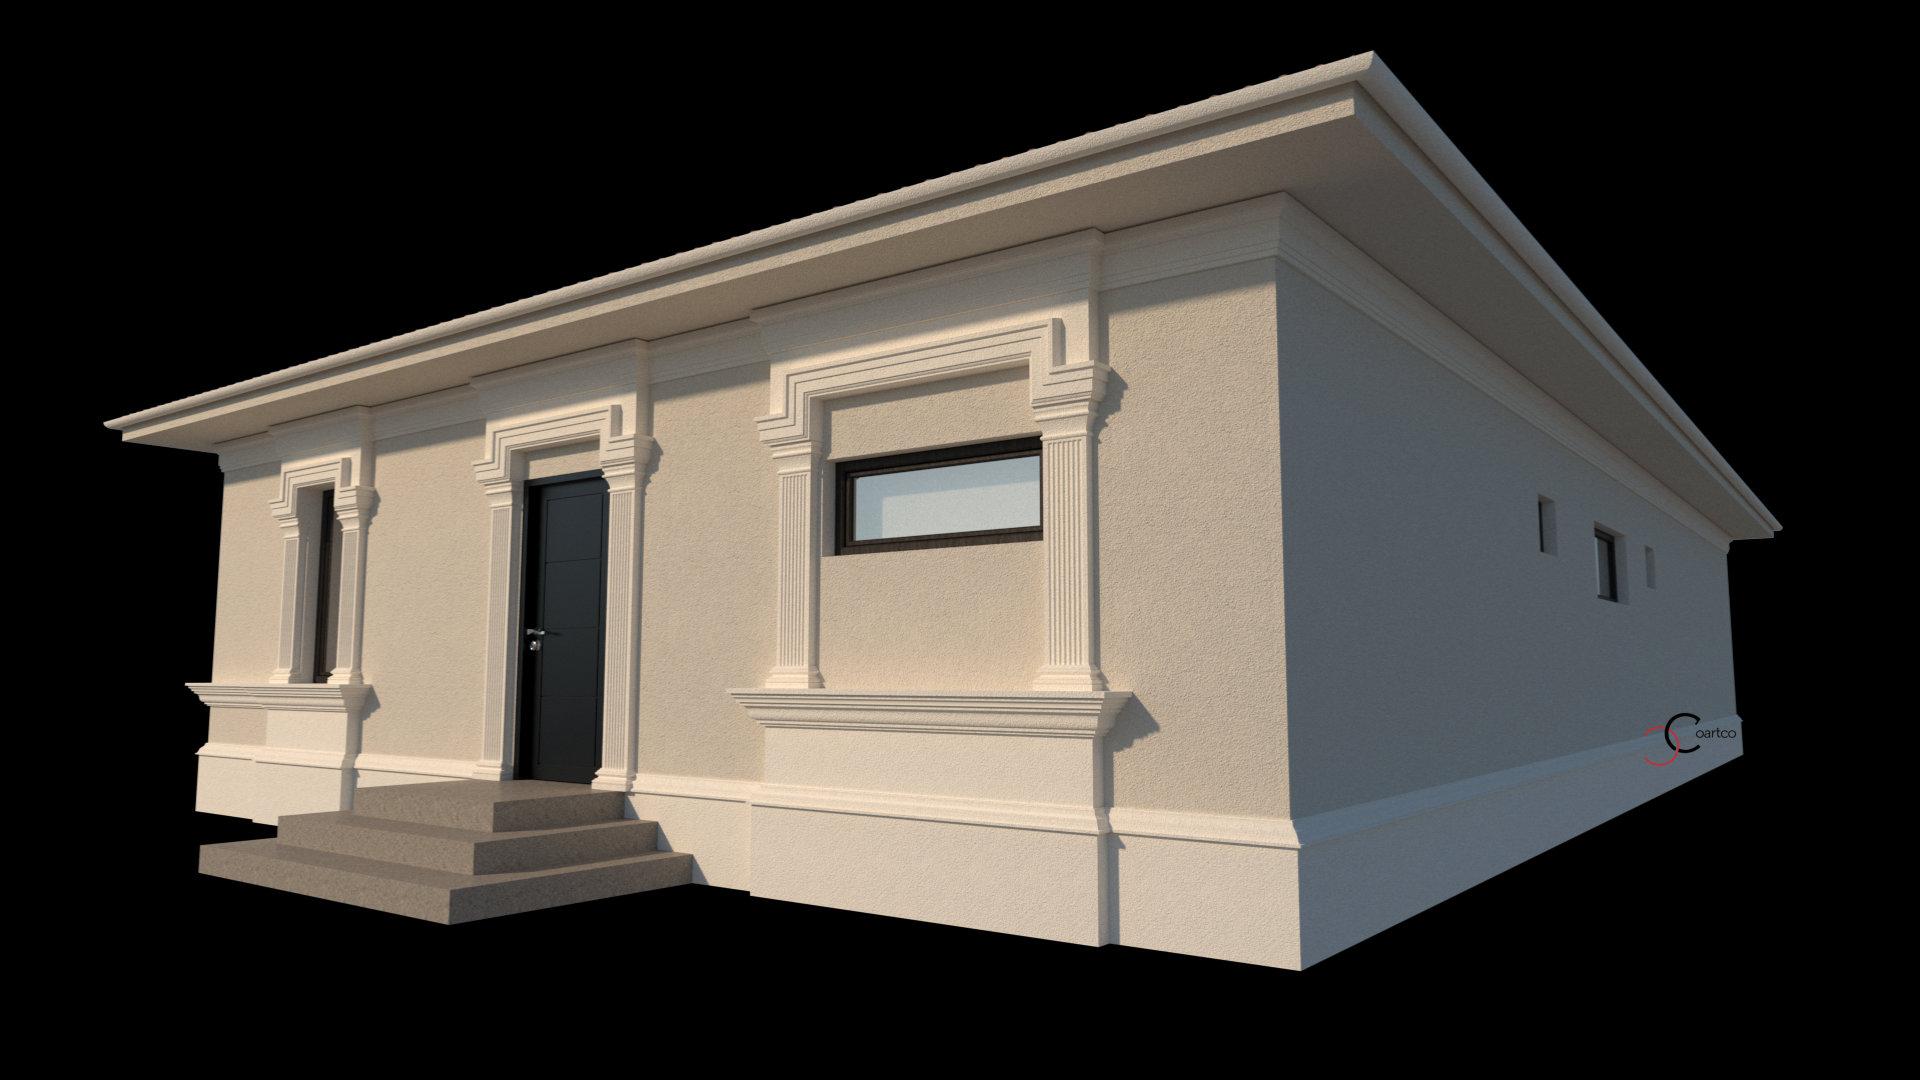 dimensiunile profilelor decorative din polistiren sunt foarte importante